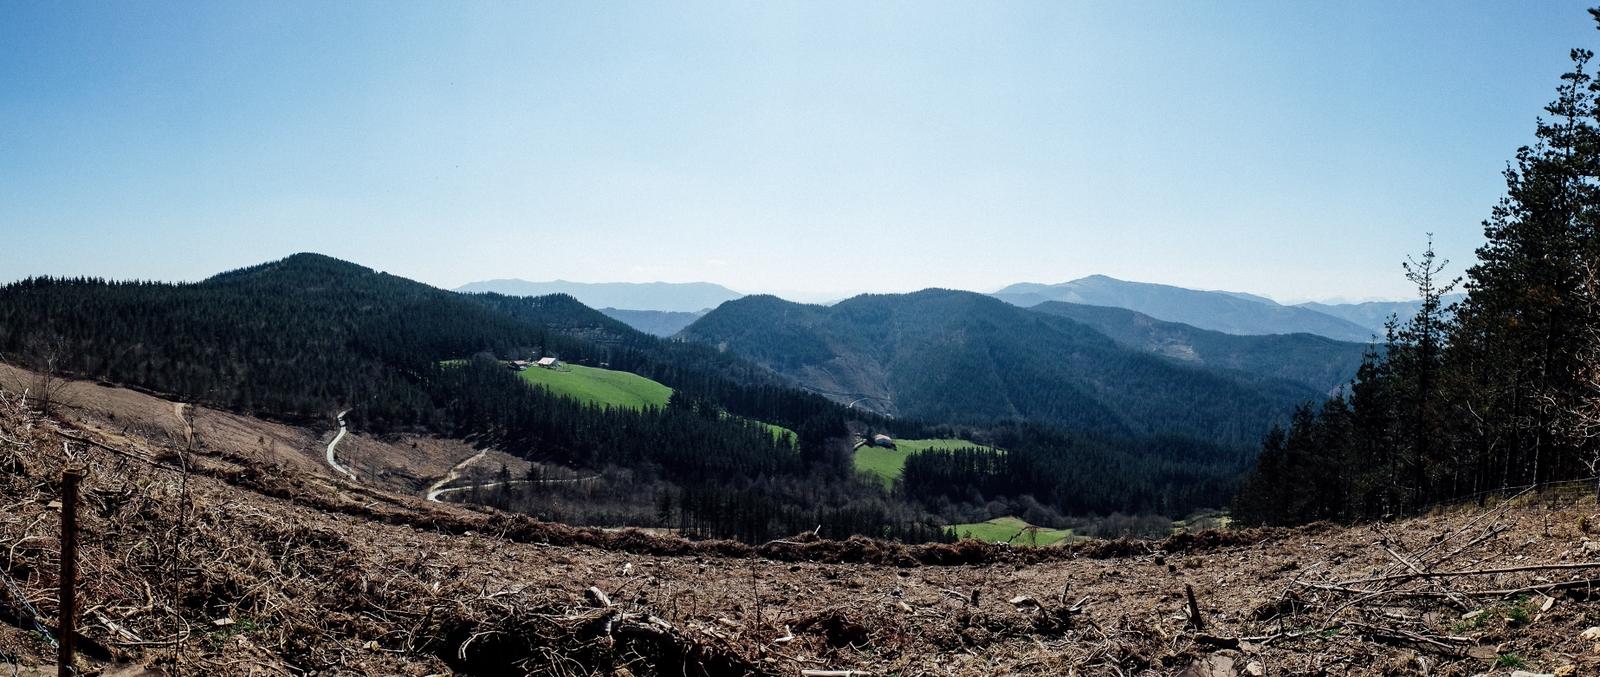 Jakobsweg - Camino del Norte (93)